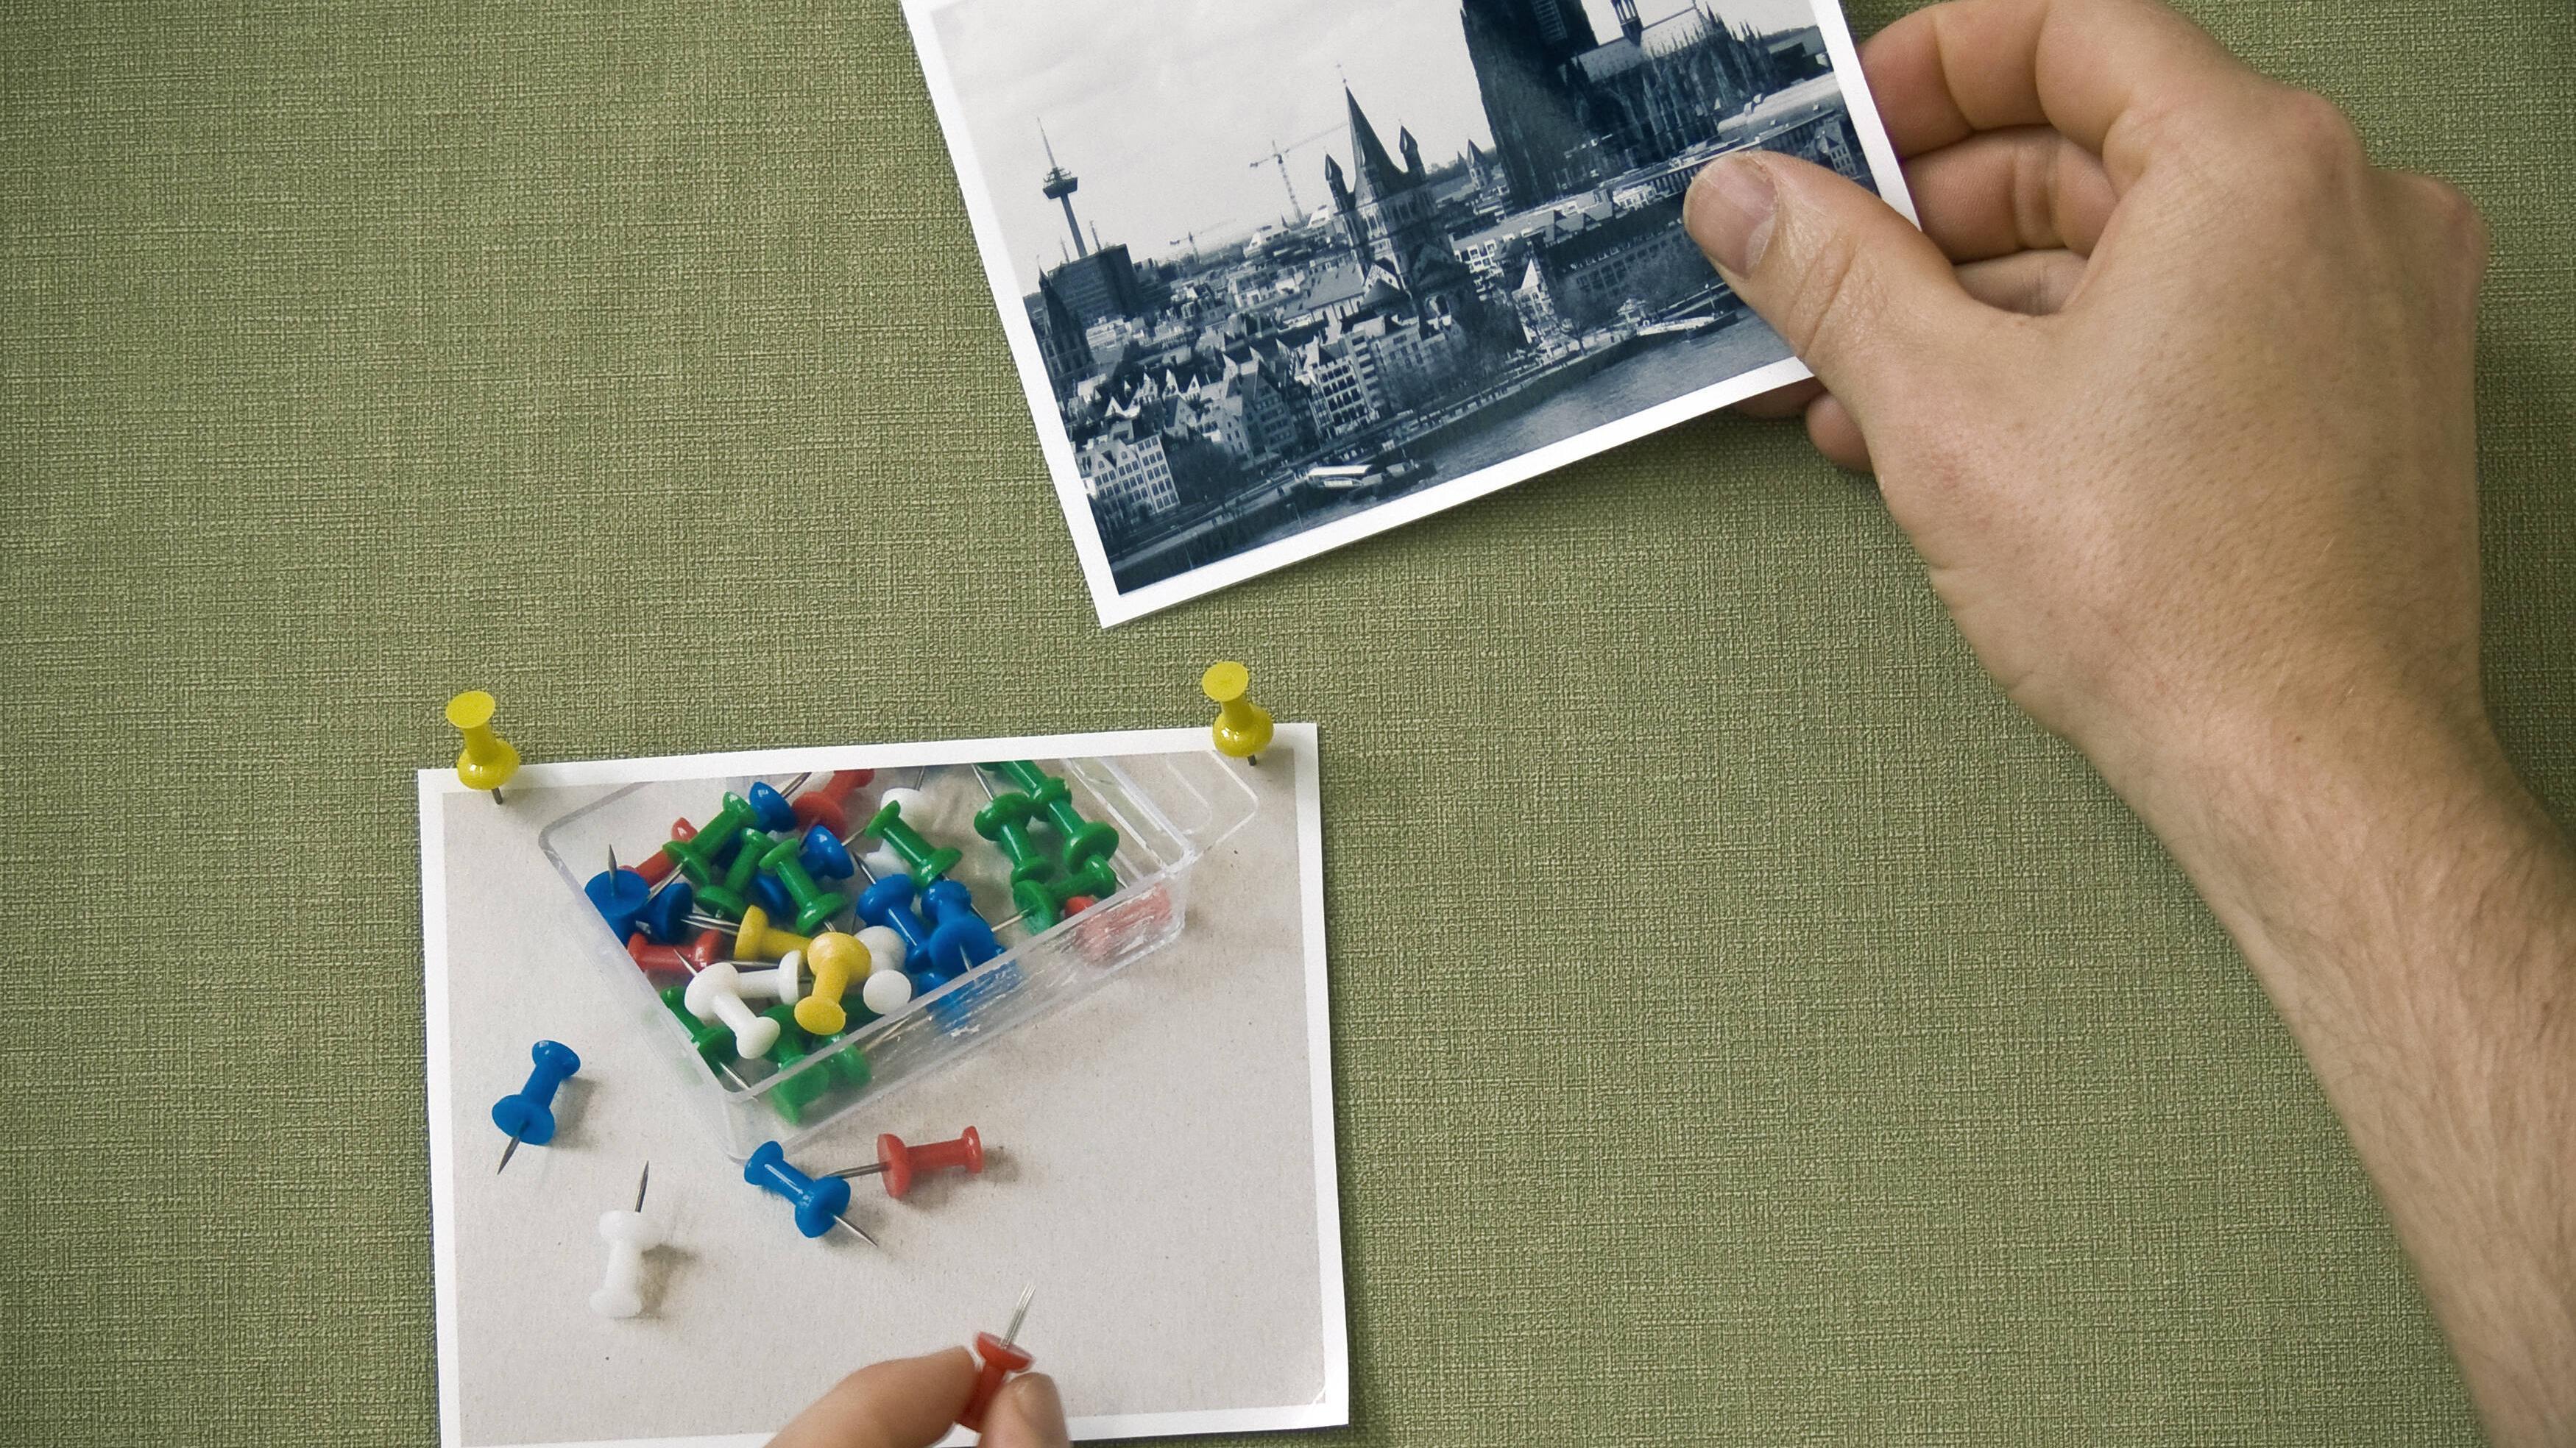 Zum Aufhängen von Bildern ohne Rahmen eignen sich bspw. Pinnadeln.